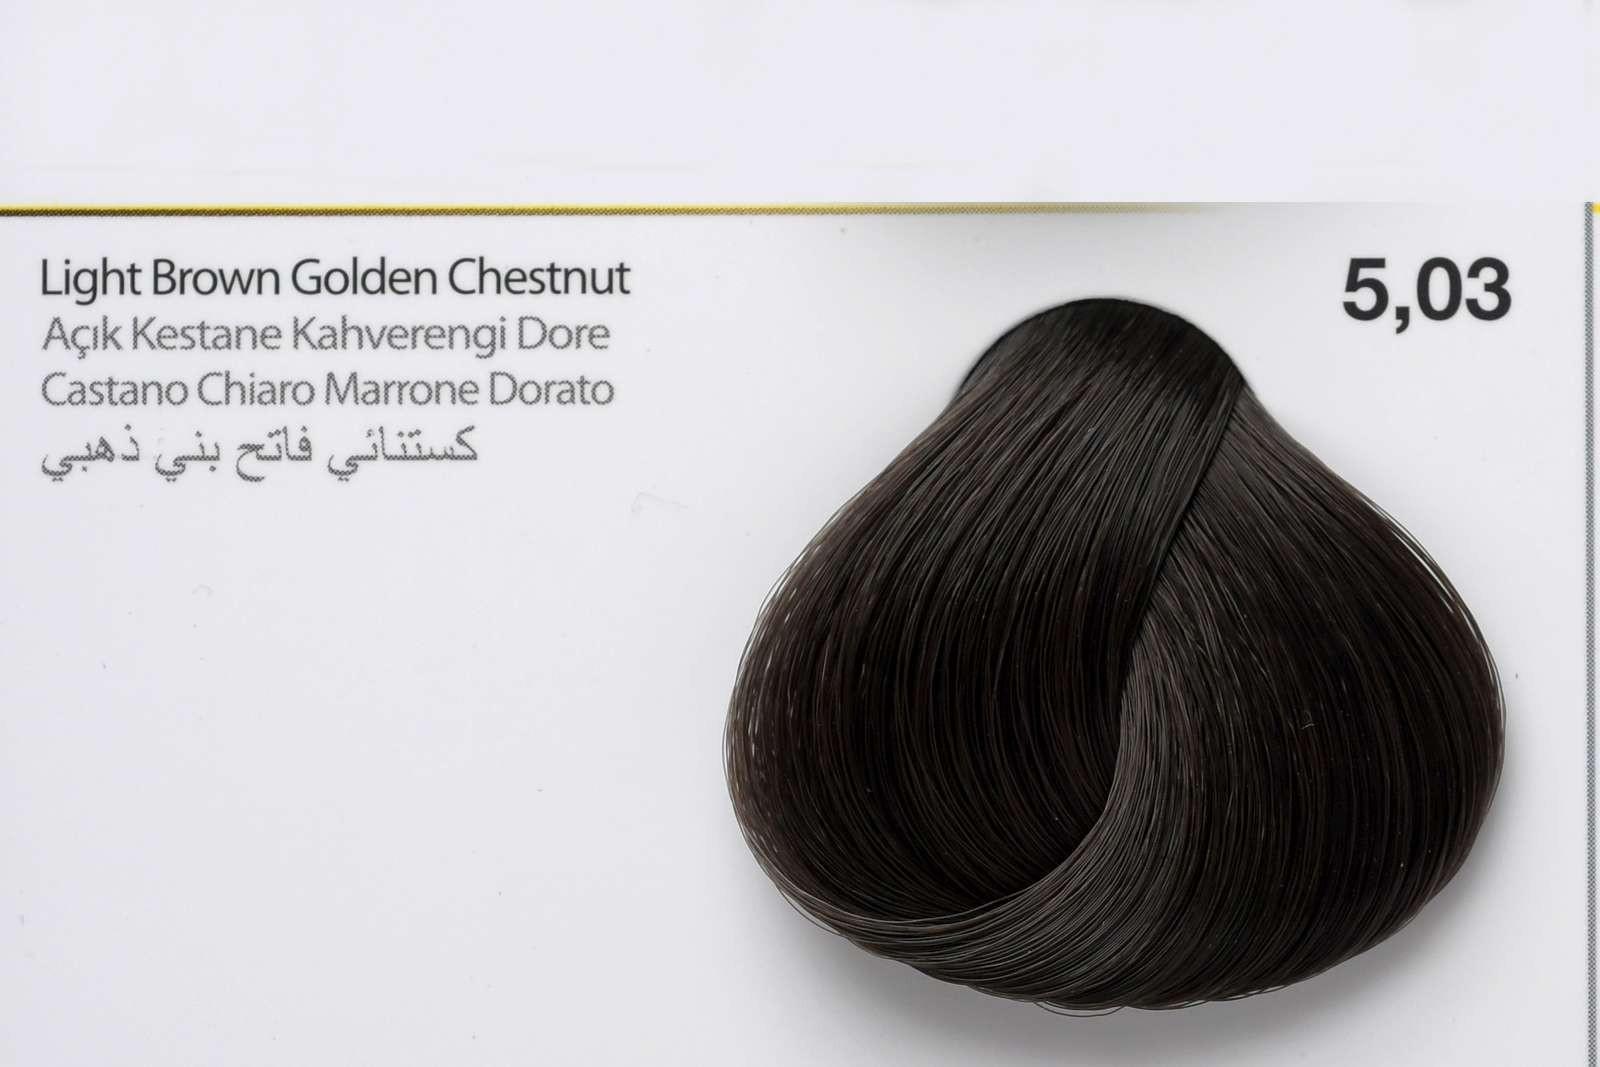 5,03 - Light Brown Golden Chestnut-swatch